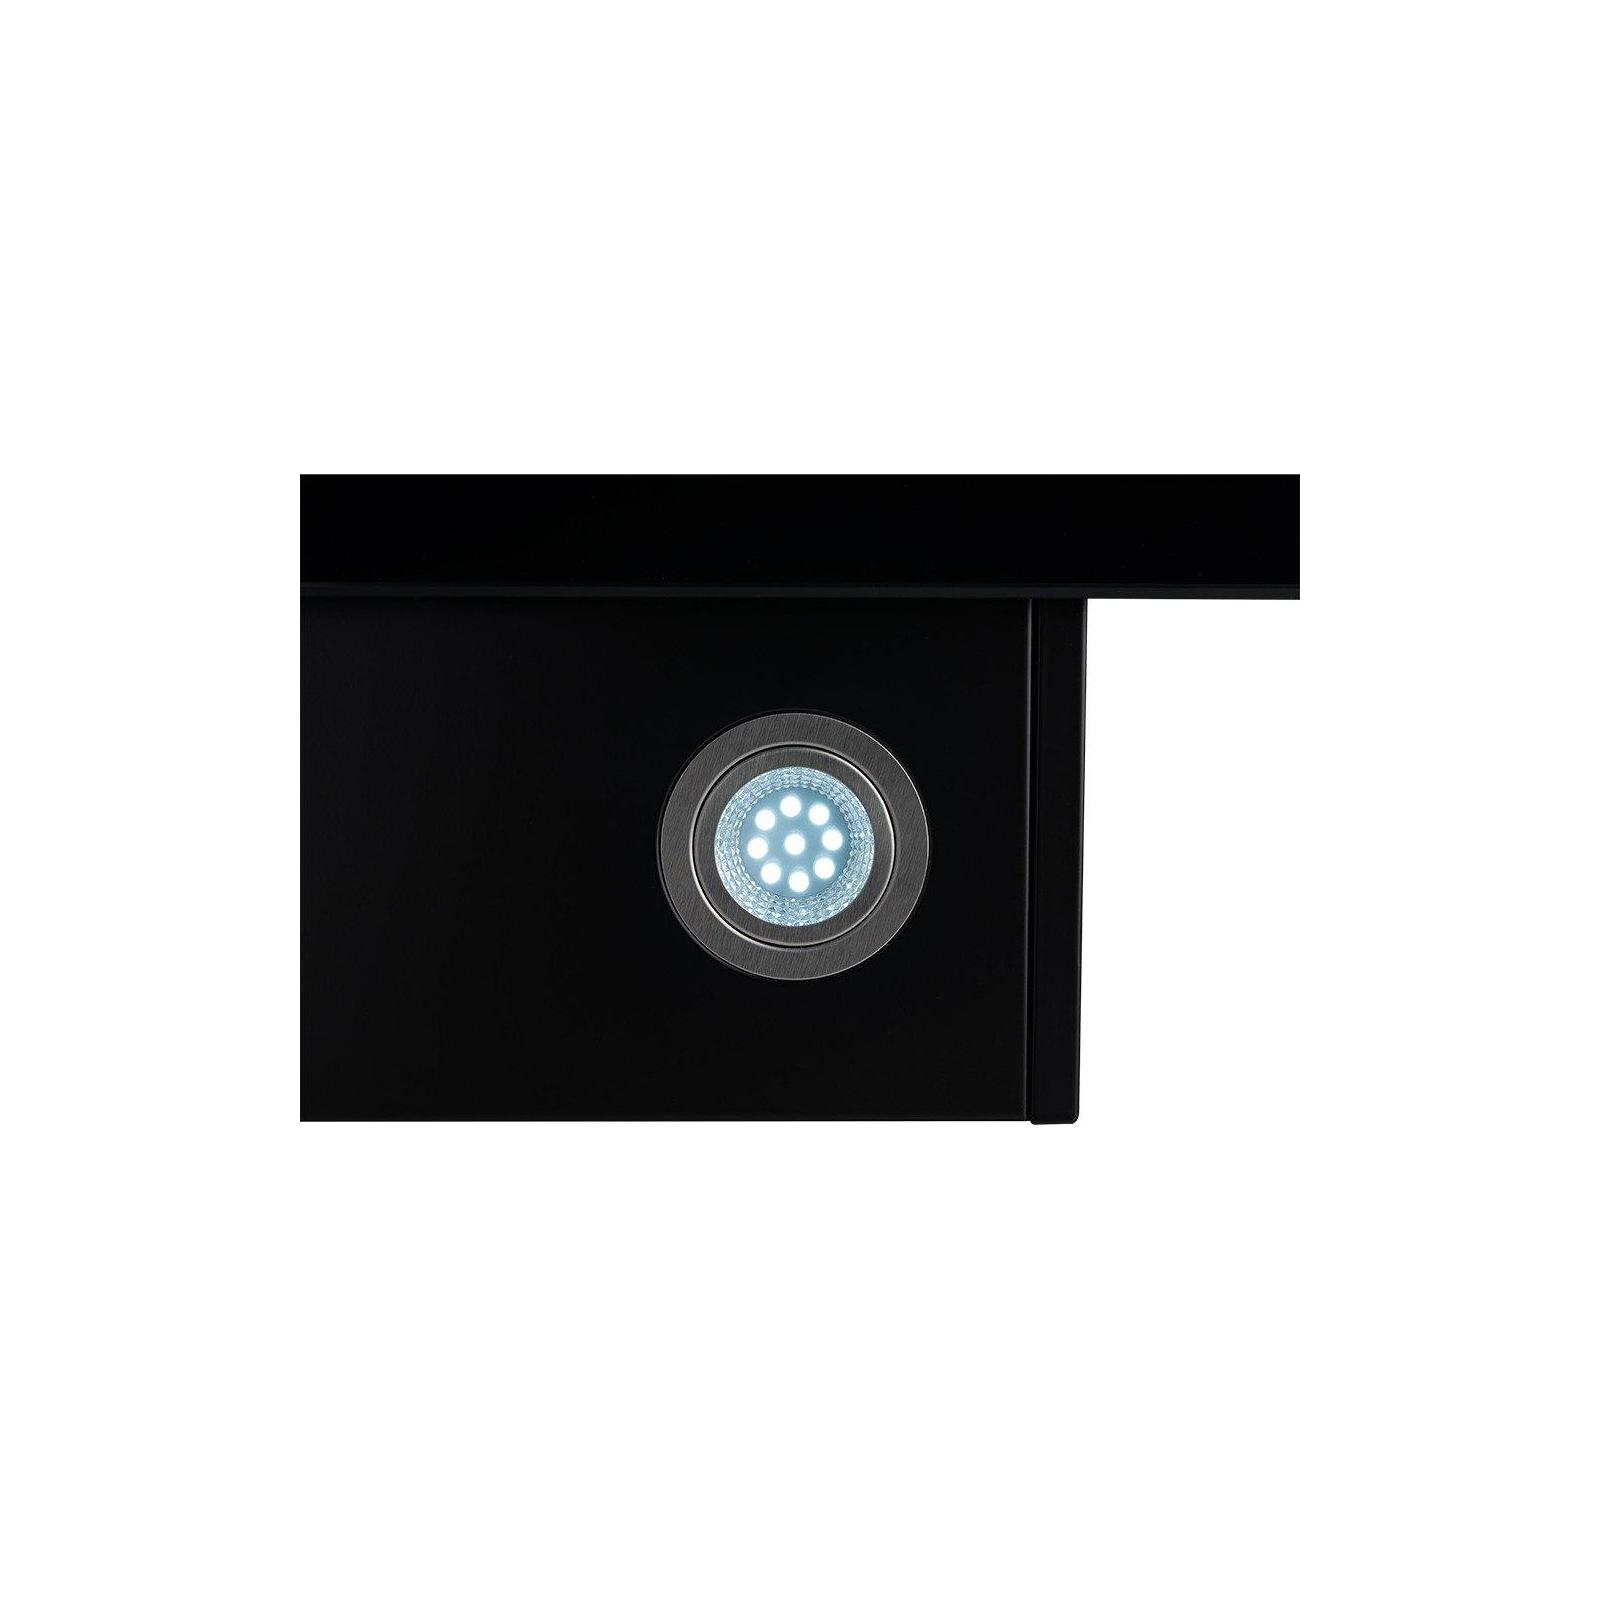 Вытяжка кухонная MINOLA HVS 6682 BL 1000 LED изображение 5